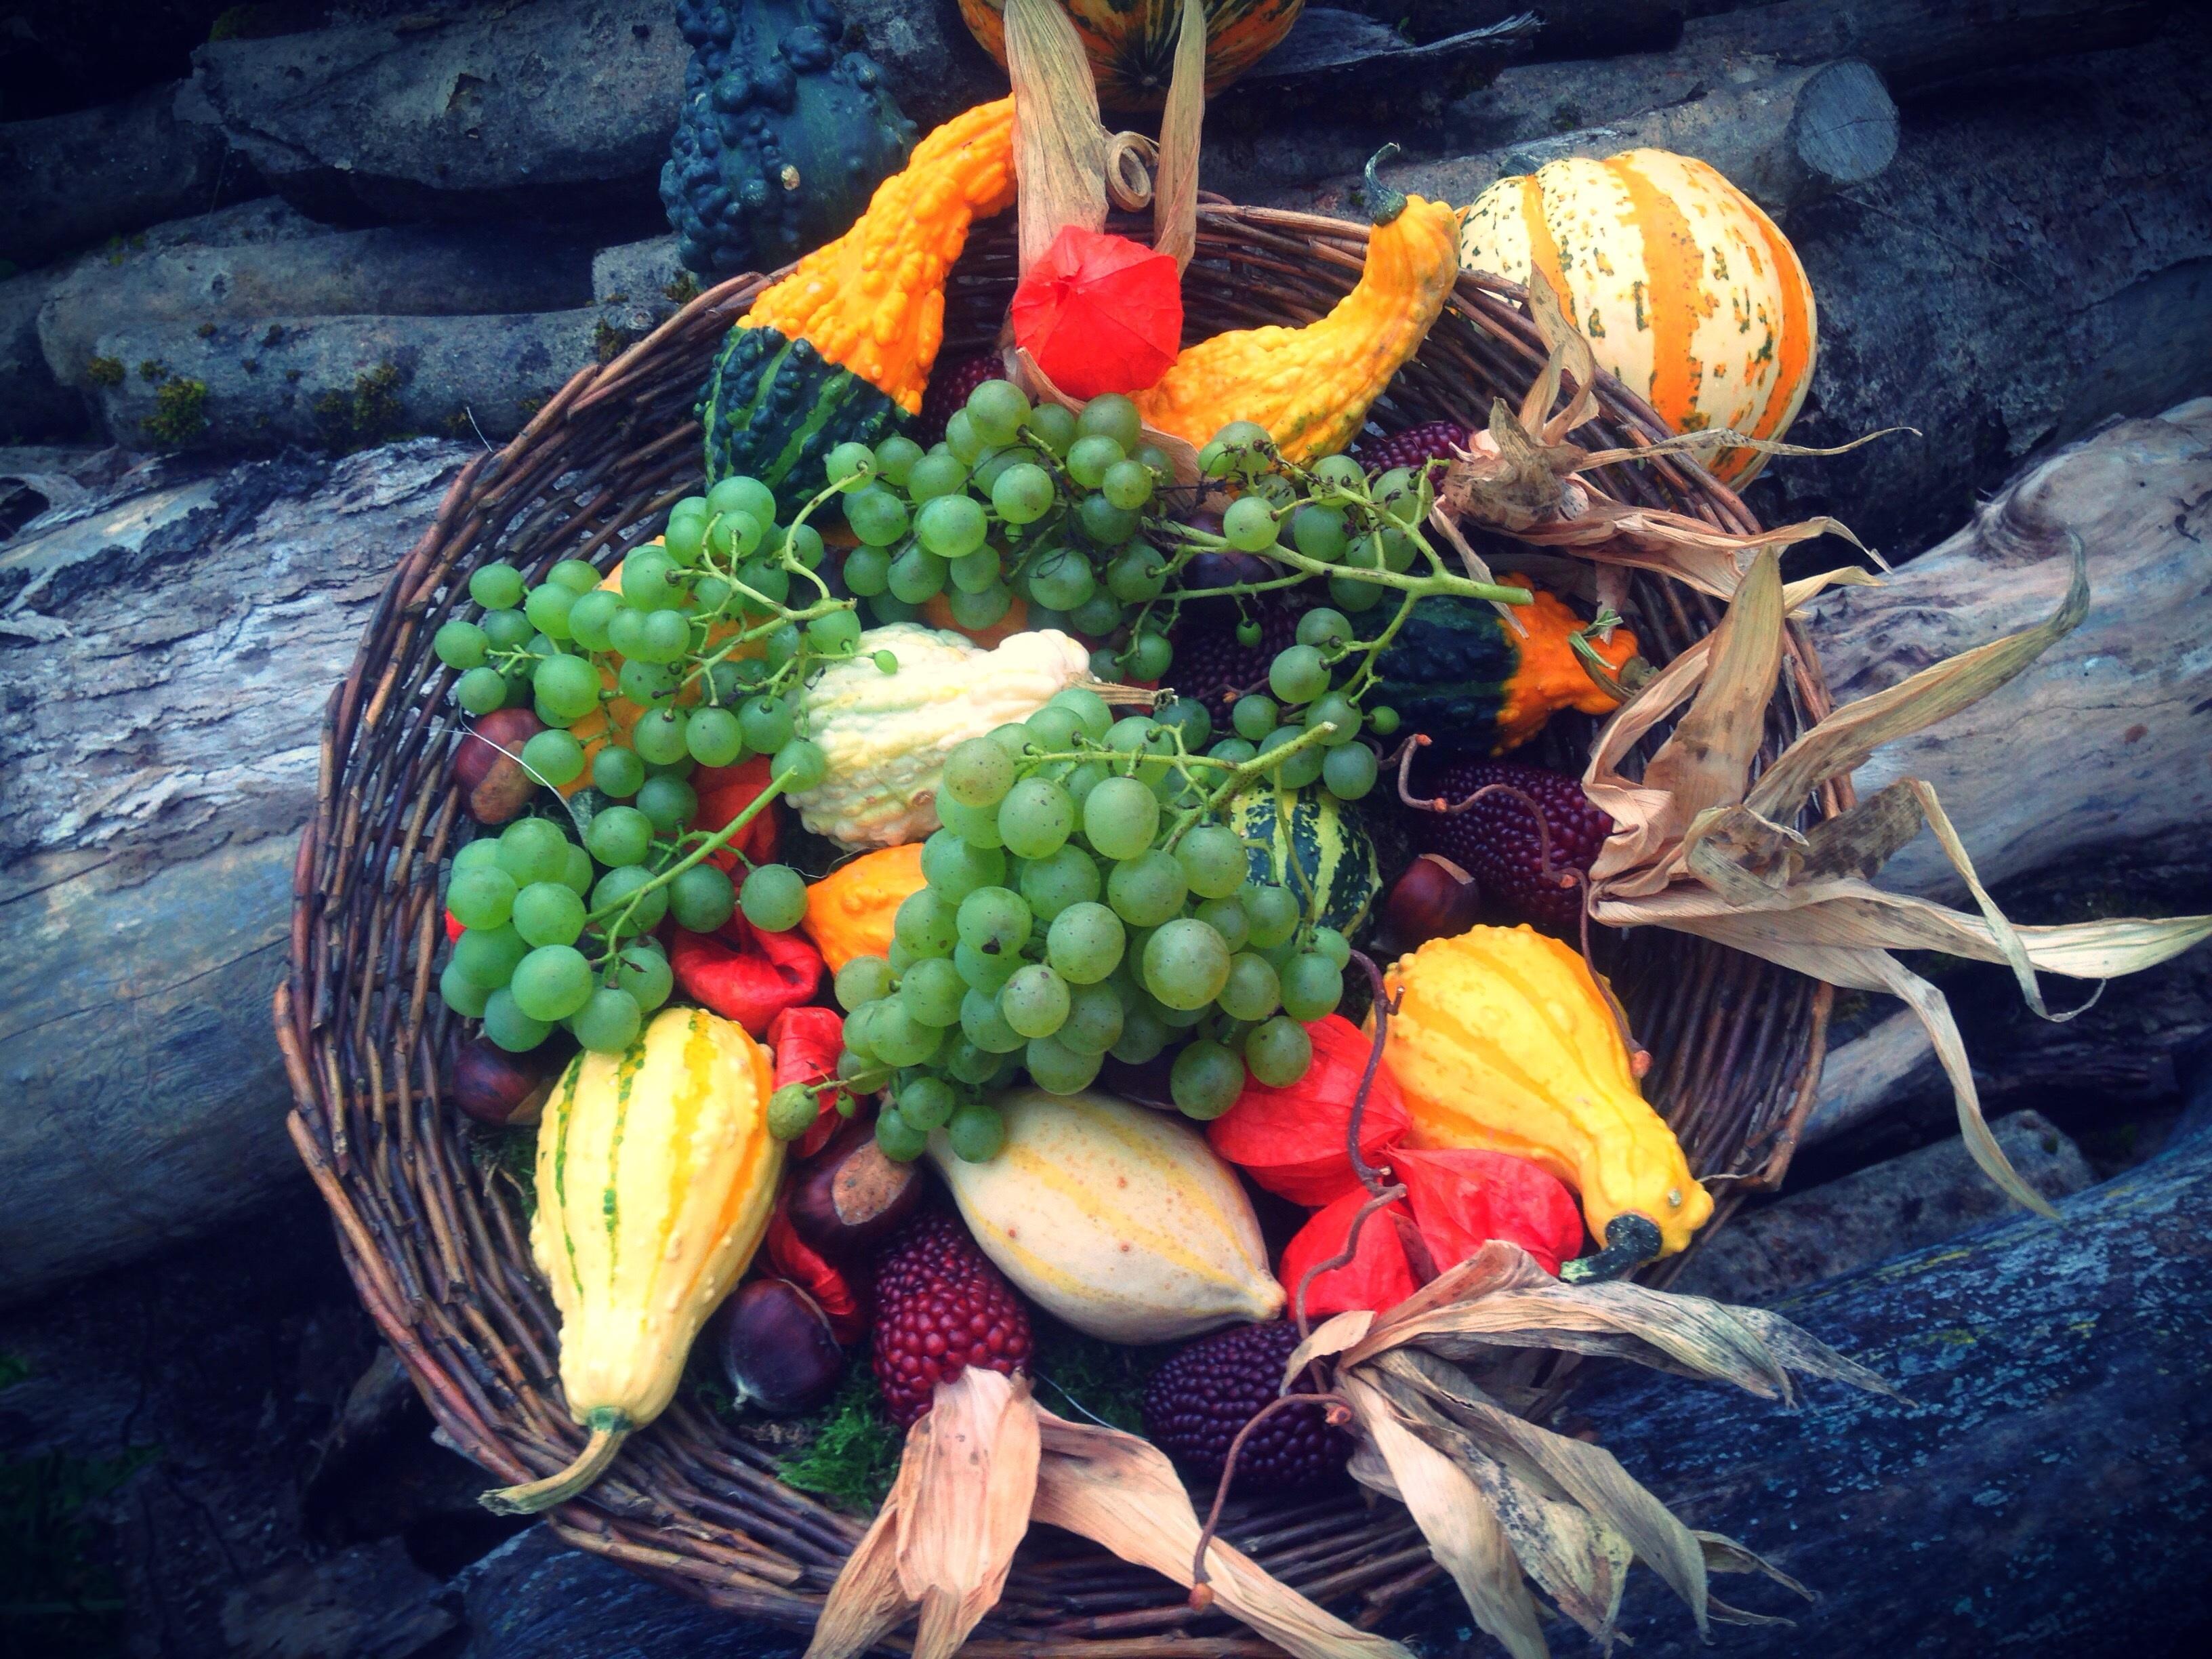 Kostenlose foto : Blume, Gericht, Lebensmittel, produzieren, Gemüse ...